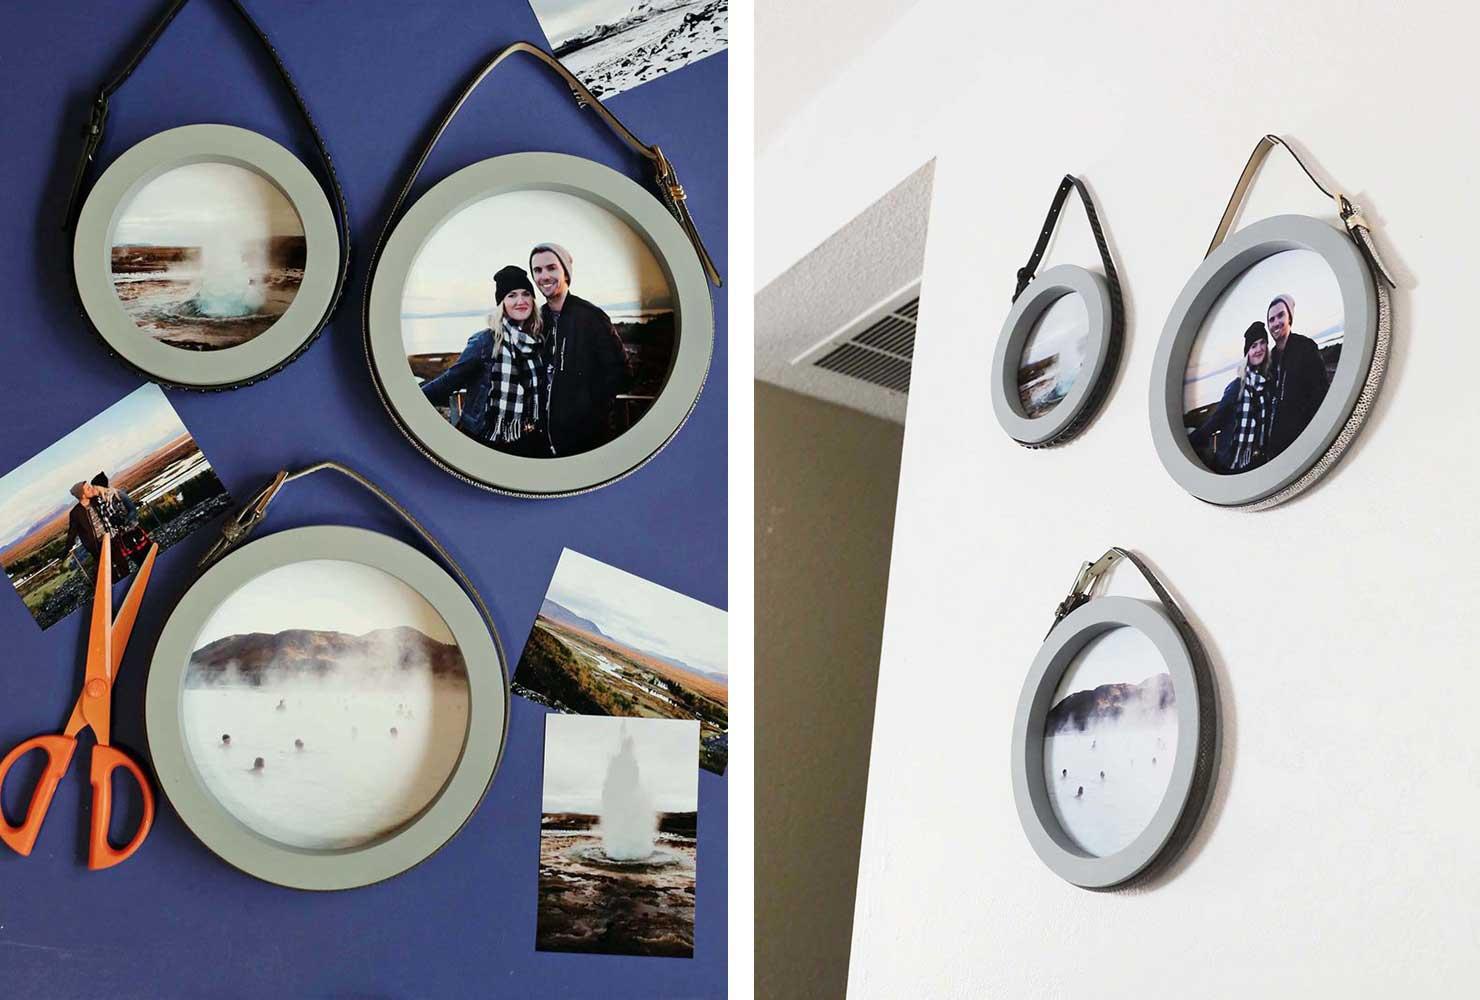 mirror photo frame | photo frame decoration ideas